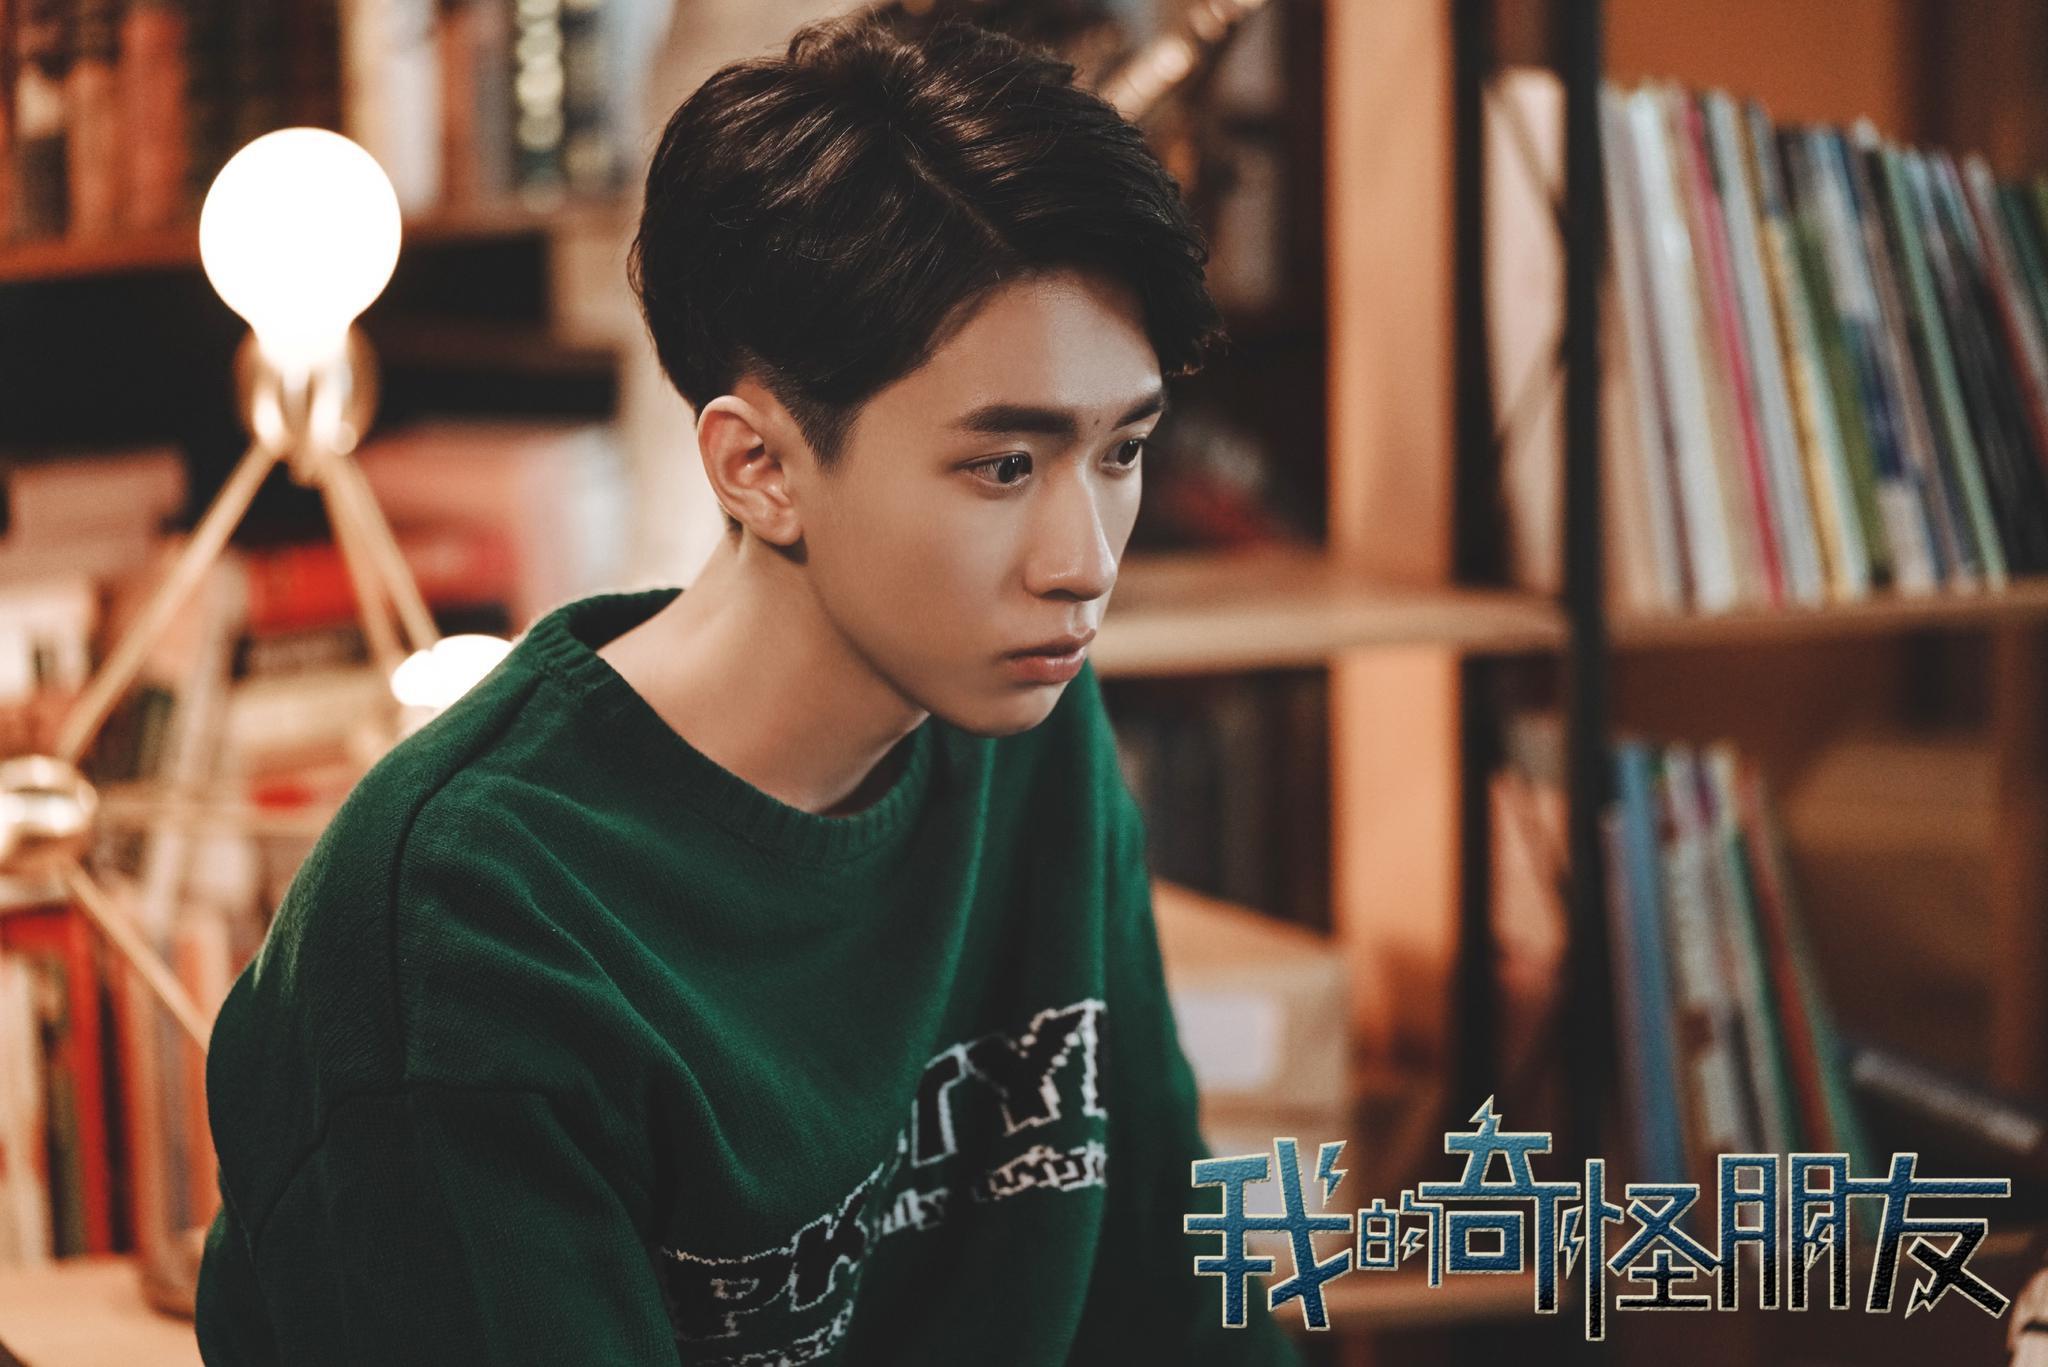 欢娱影视演员@张逸杰 @张楠zz 主演新剧《我的奇怪朋友》定档8月1